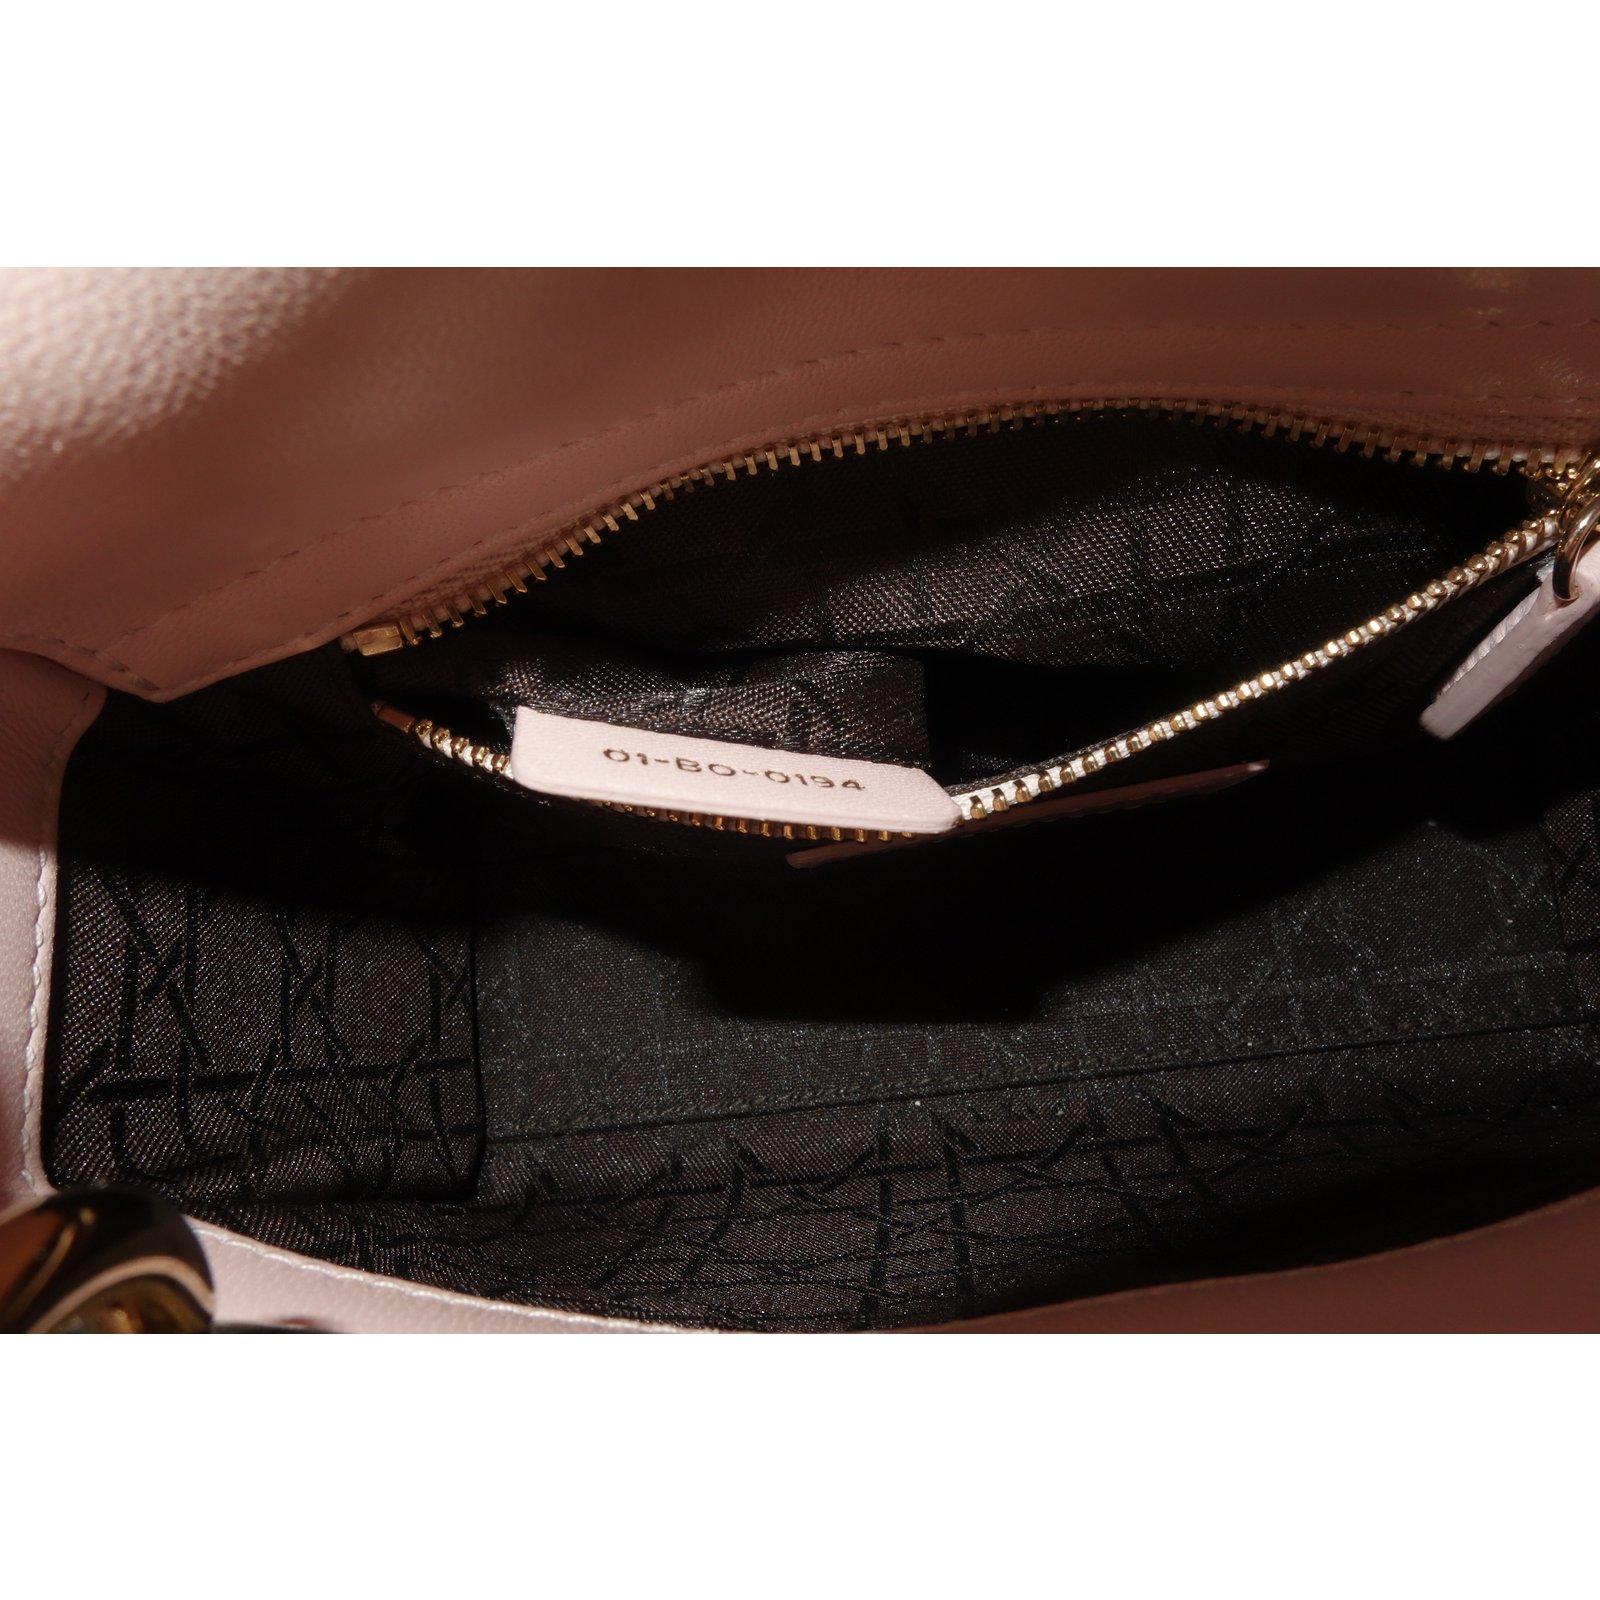 9d04212d11 Dior MINI LADY DIOR BAG Handbags Leather Pink,Multiple colors ref.109275 -  Joli Closet